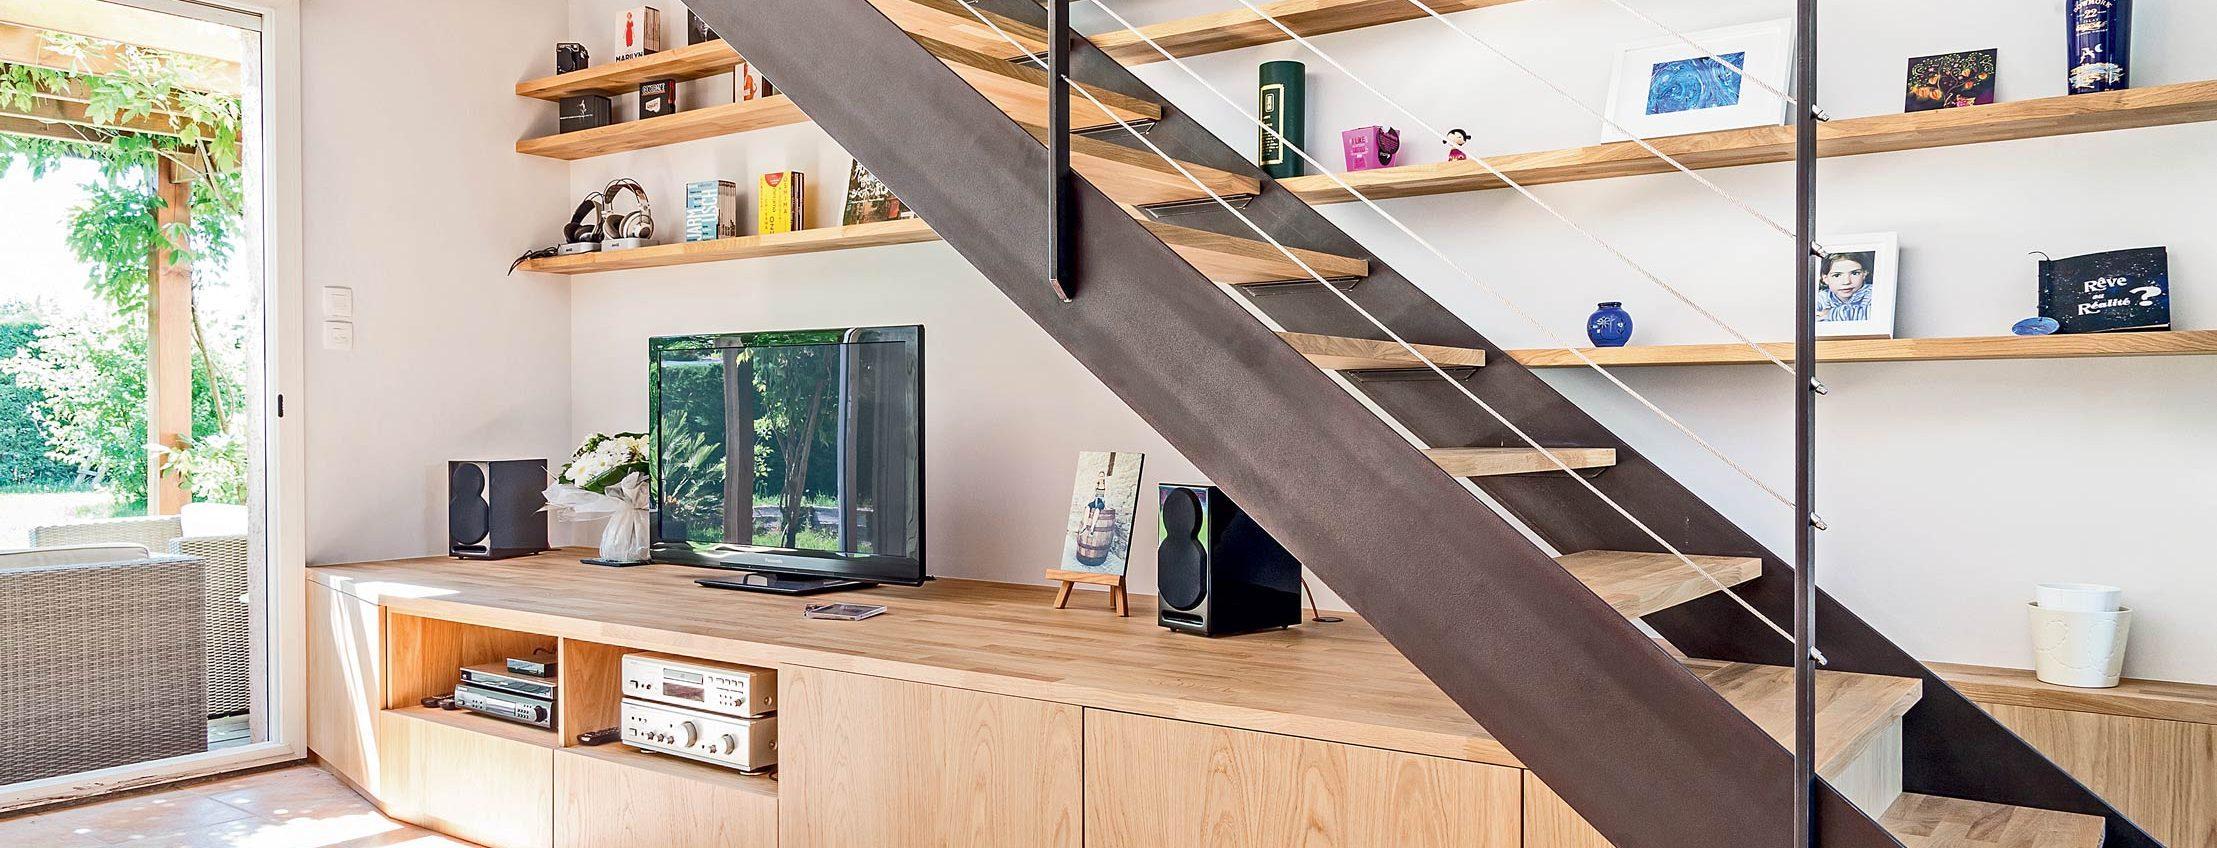 Creer Un Meuble Sous Escalier sous l'escalier, la bonne idée - de fil en déco